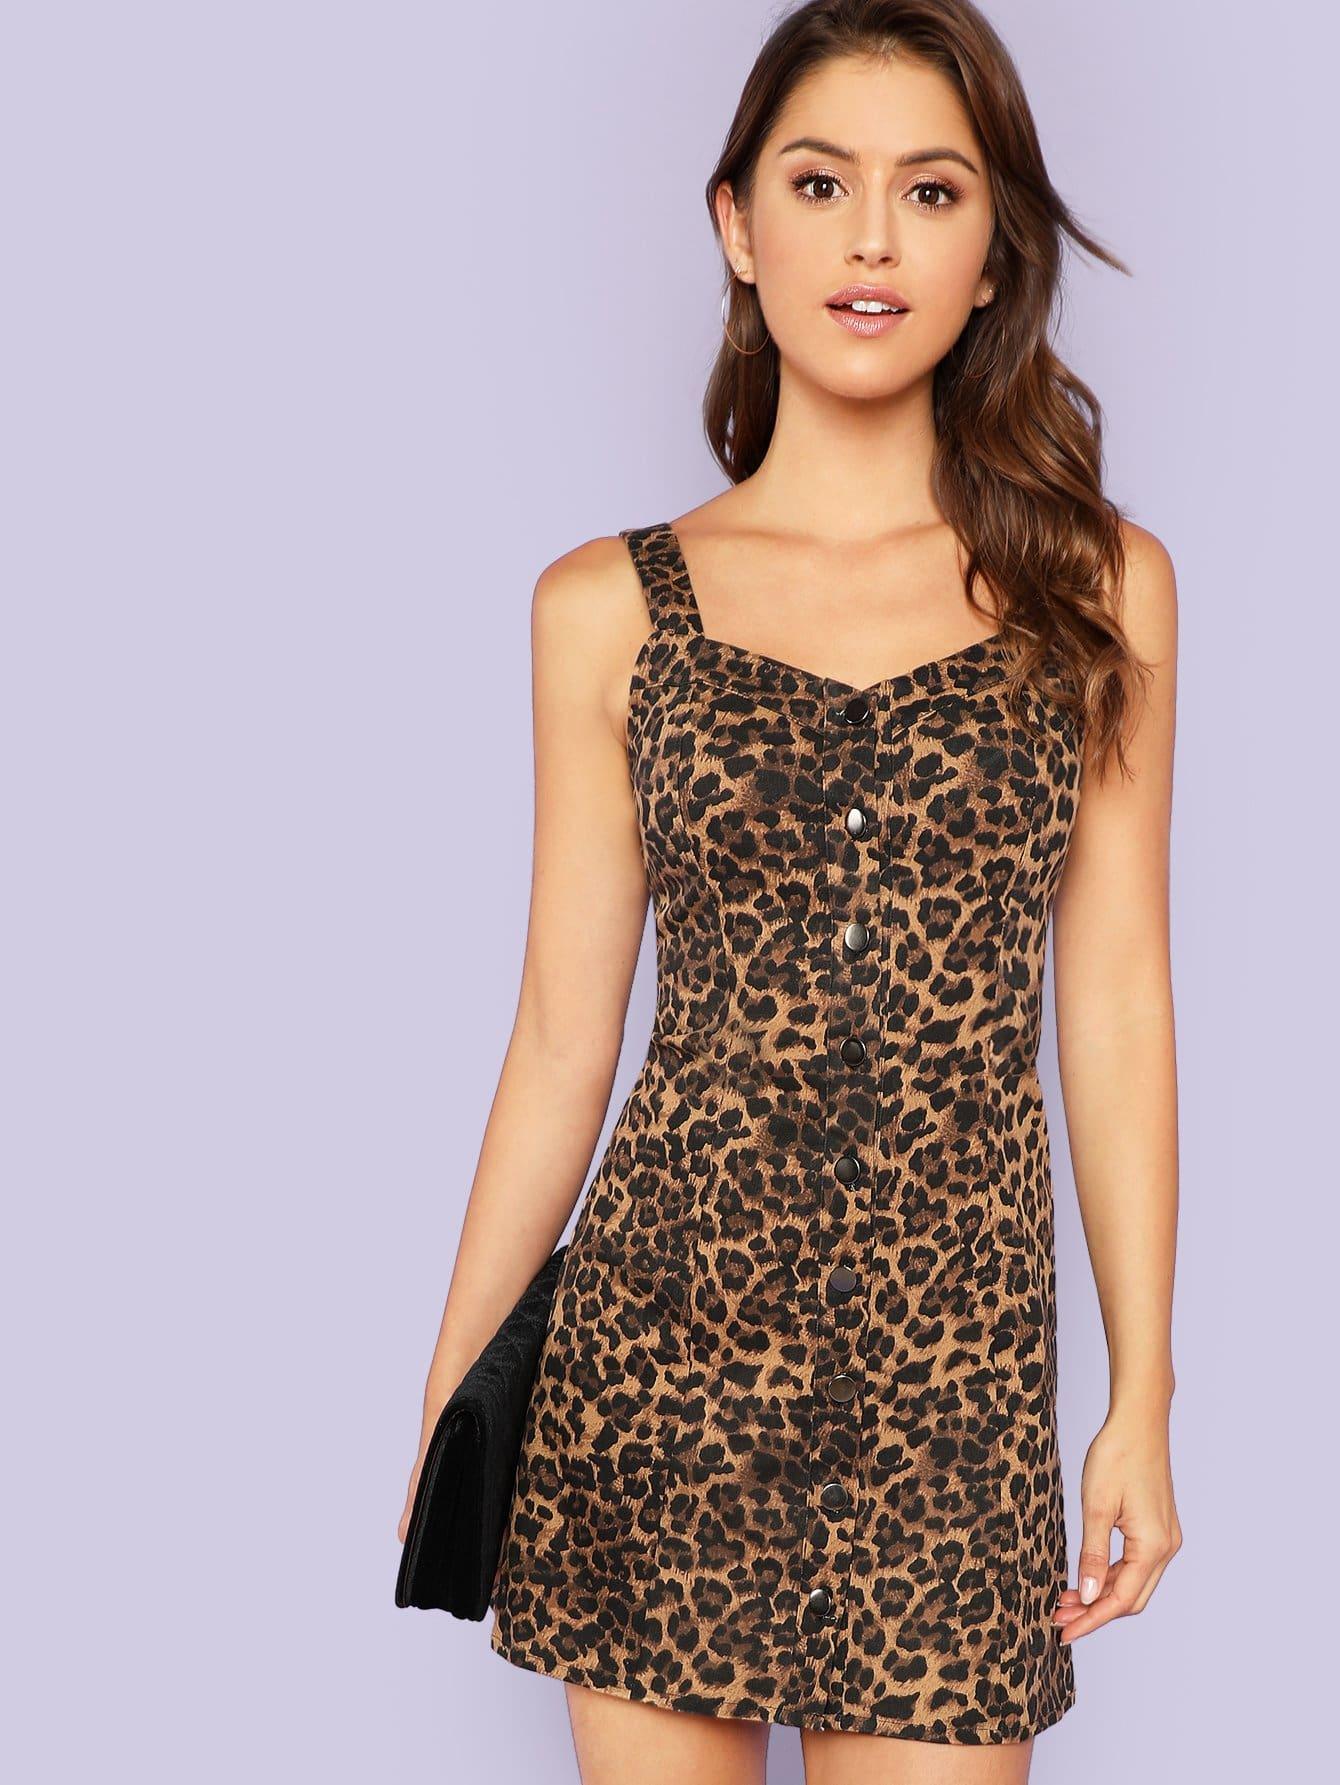 Купить Толстая стрейч-пуговица вверх по леопарду, Corina, SheIn